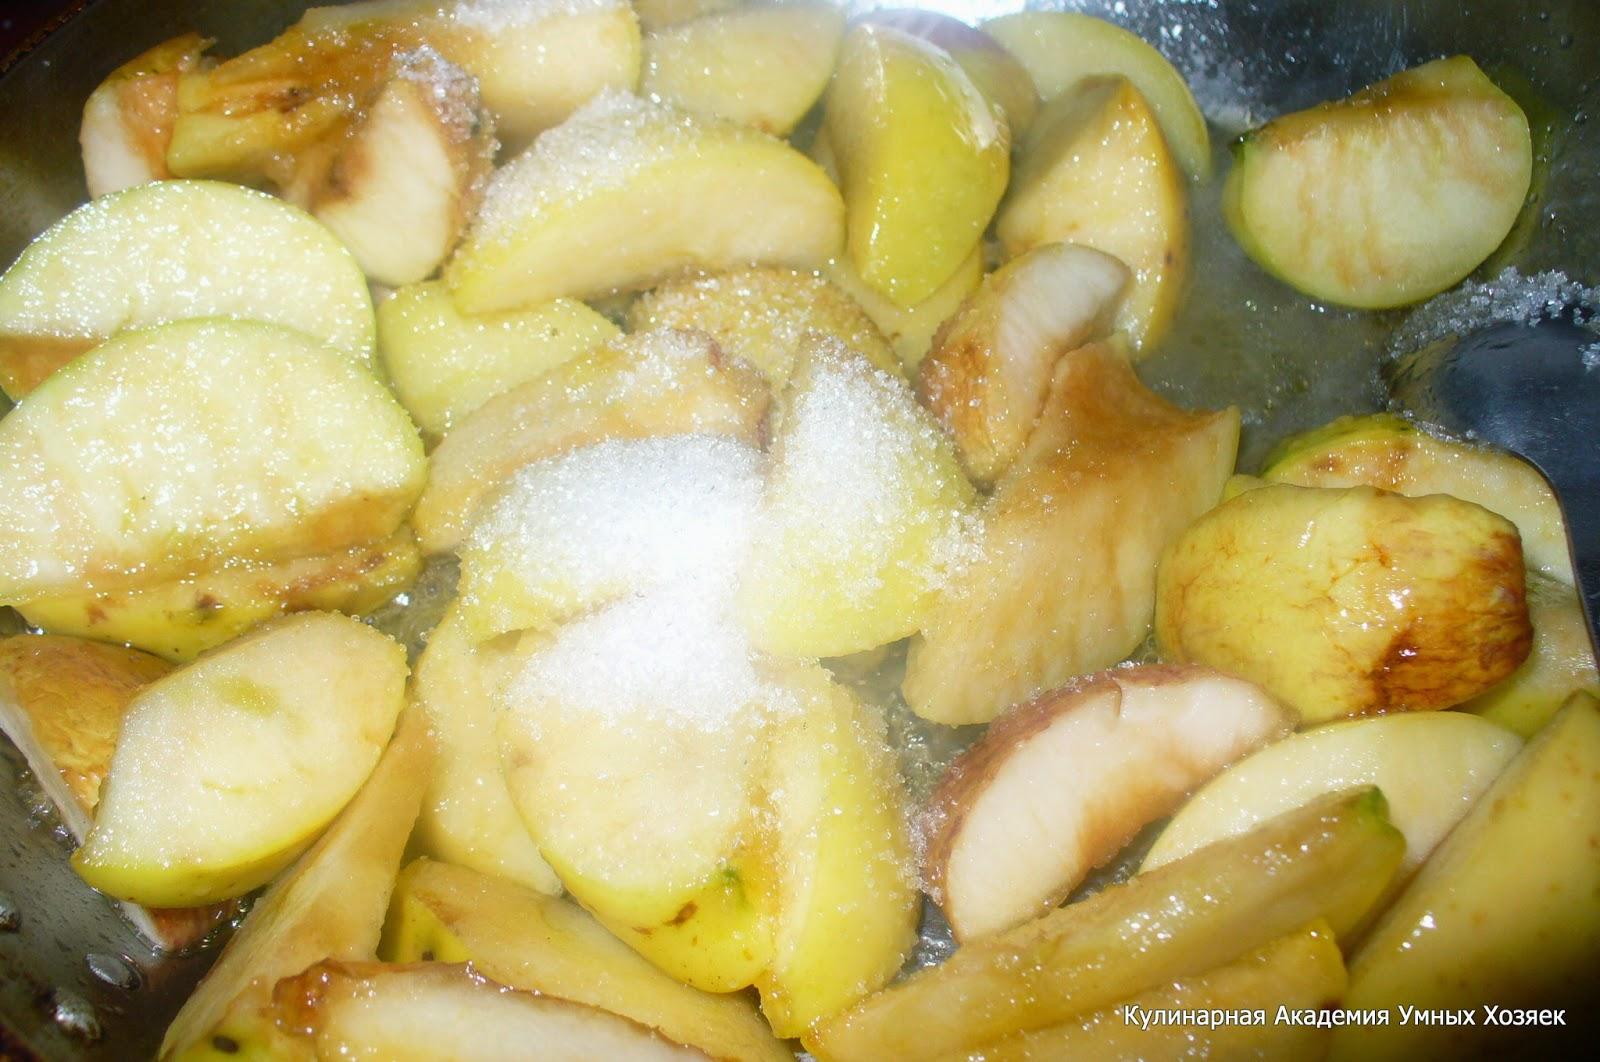 яблоки в карамели готовые